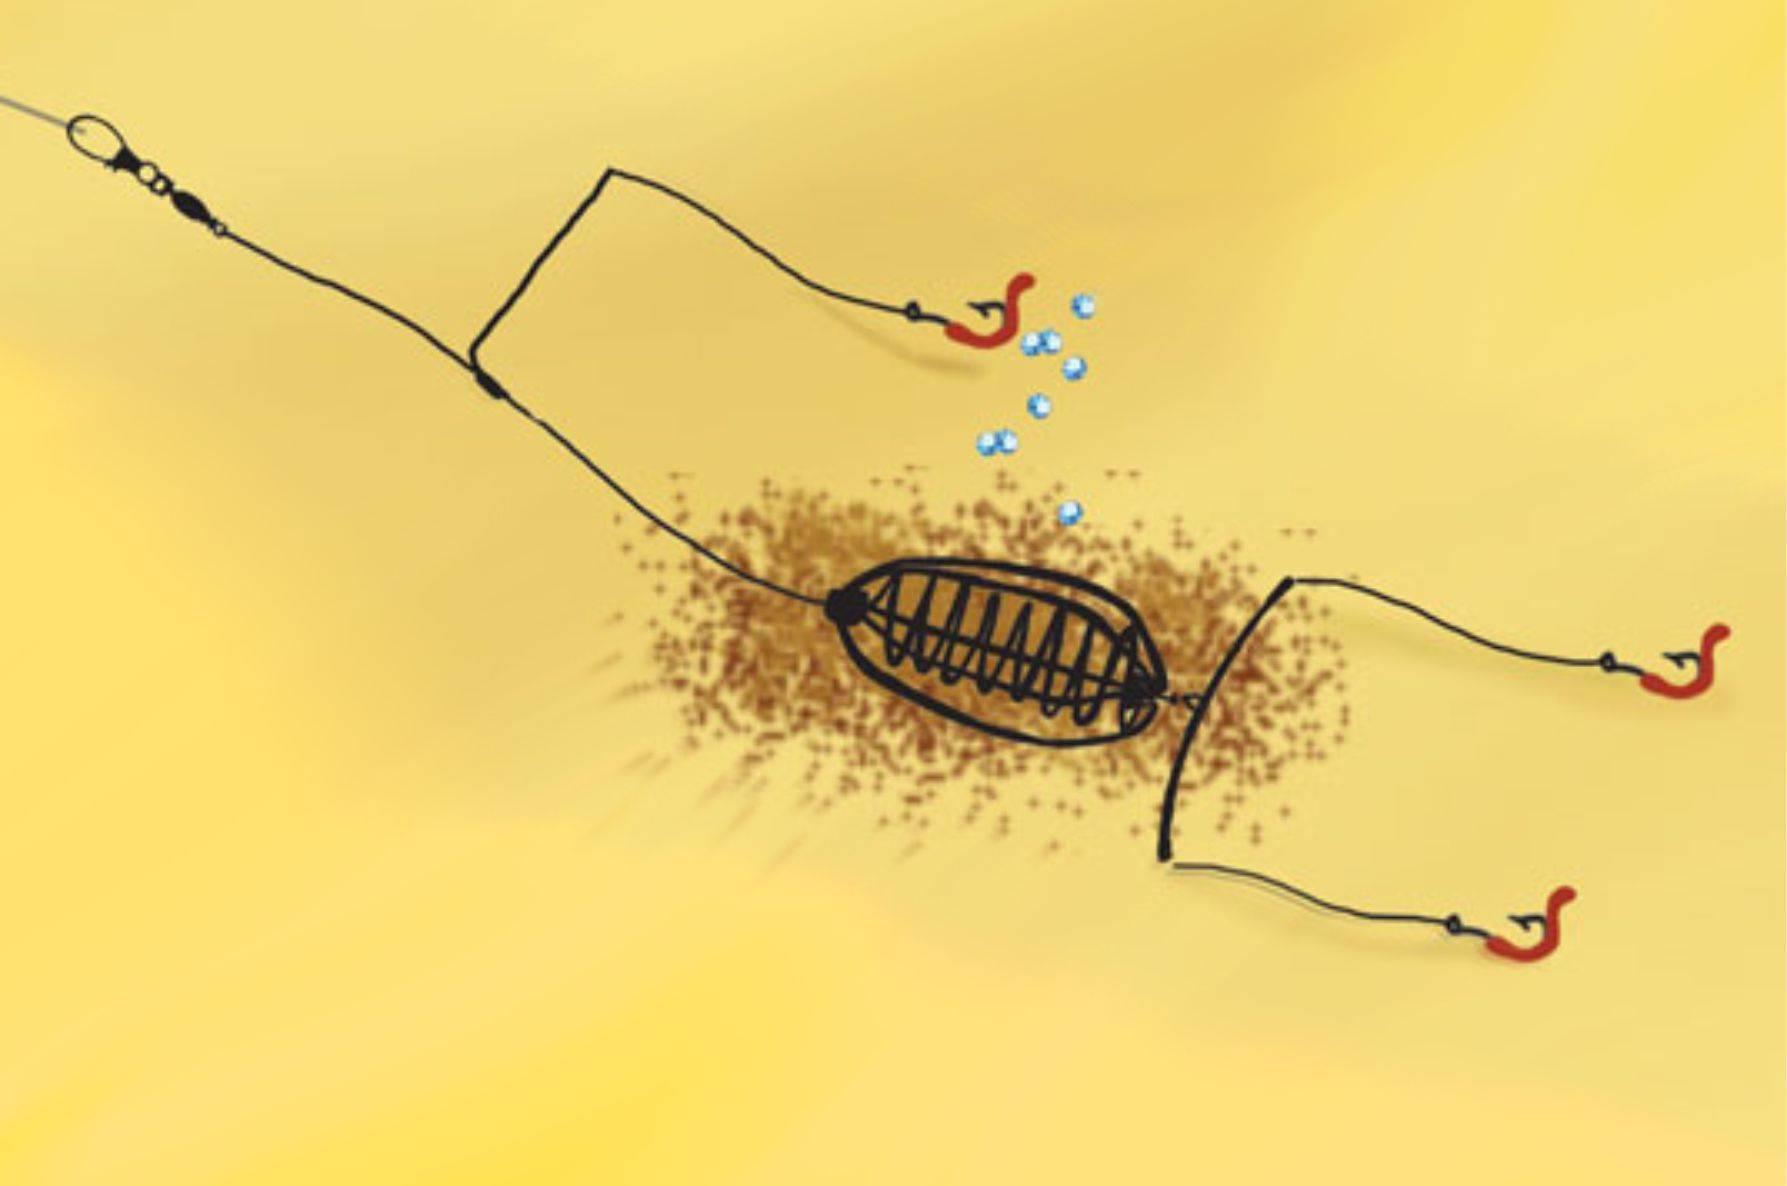 Рыбалка на донку: как сделать донку с кормушкой, применение и разновидности донной снасти